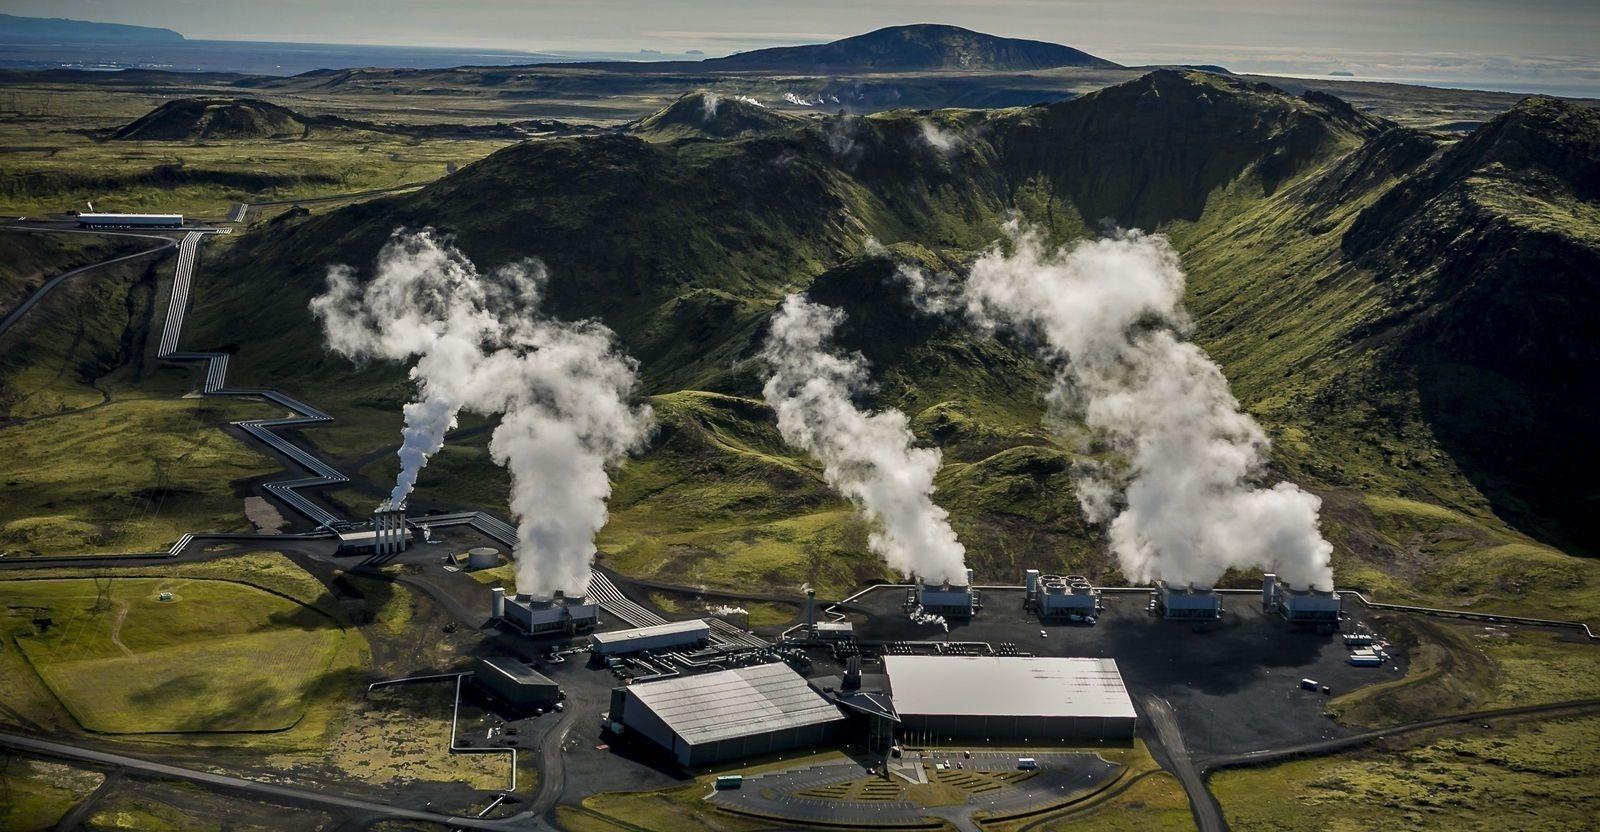 2018 онд Исландын эрчим хүчний ихэнх хэсэг биткоин олборлолтод зарцуулагдана